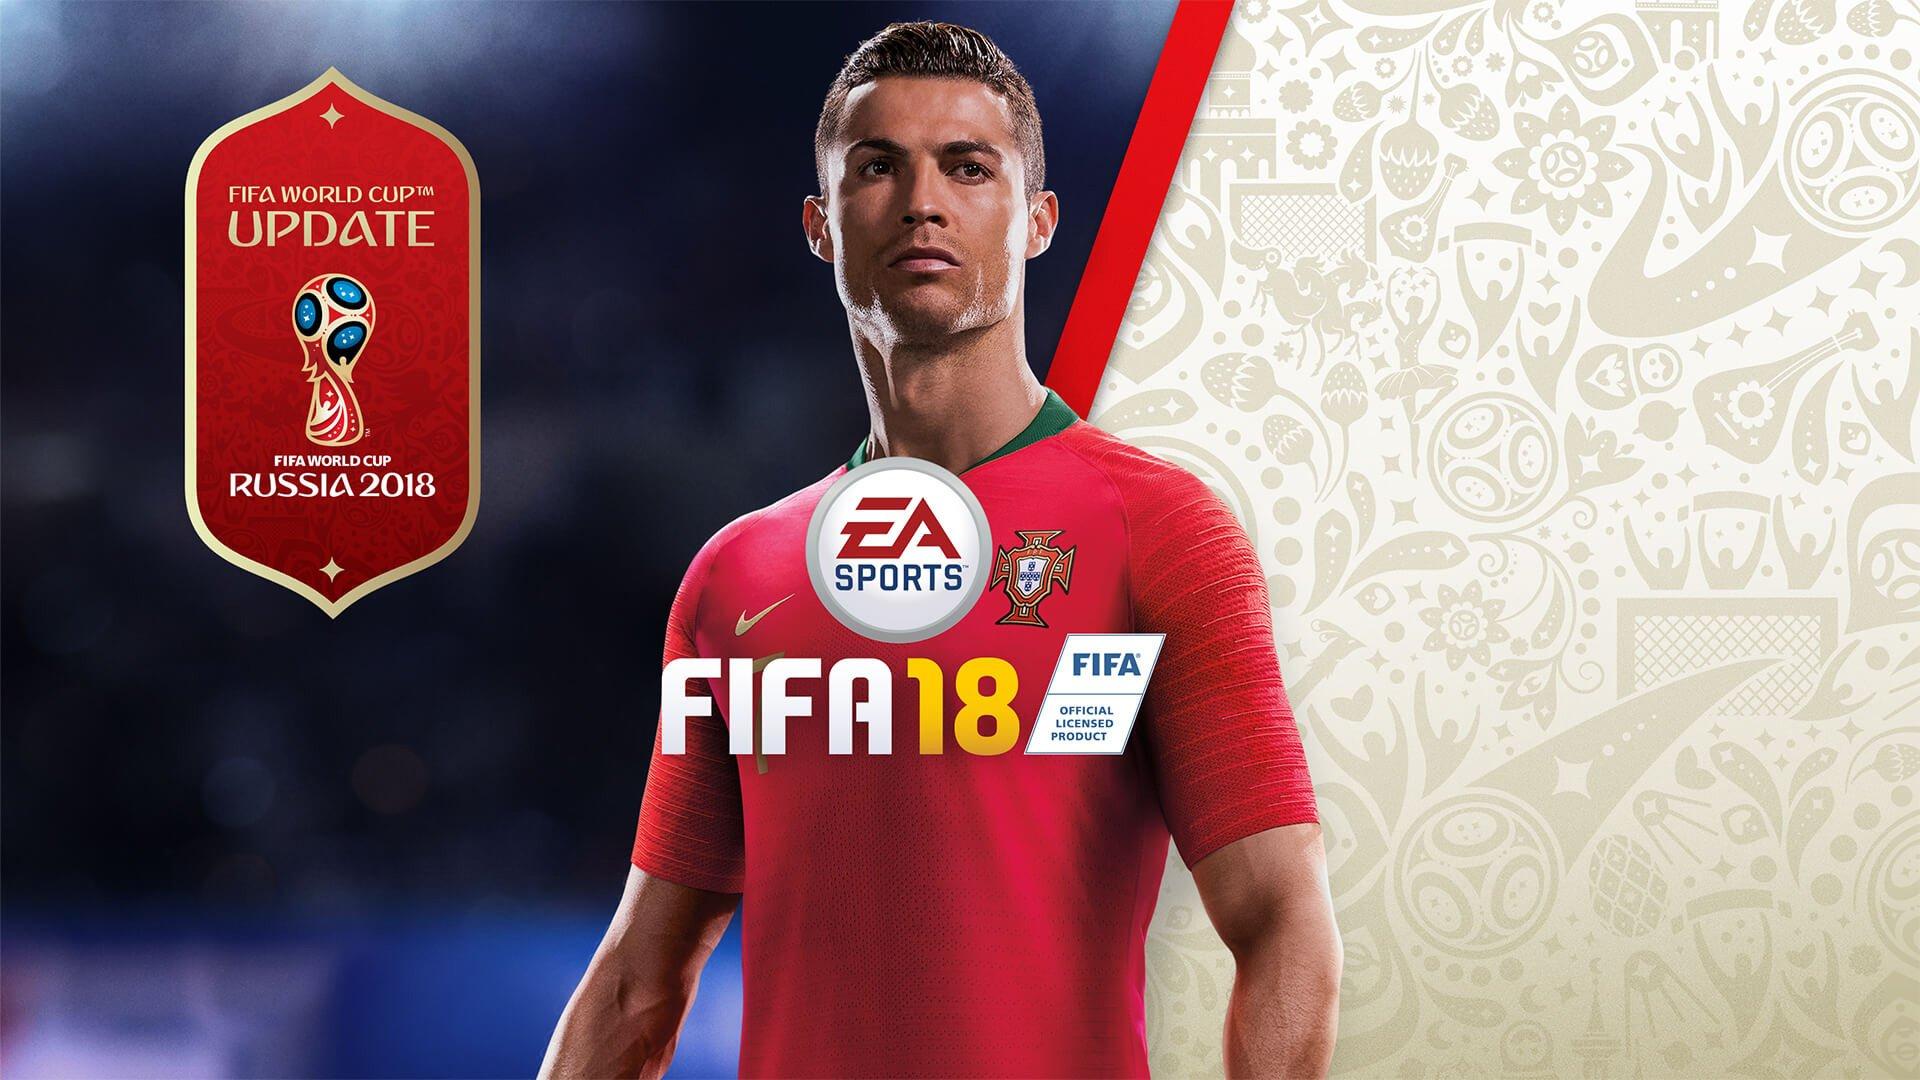 FIFA 18 receberá atualização gratuita onde adiciona a World Cup Russia 2018